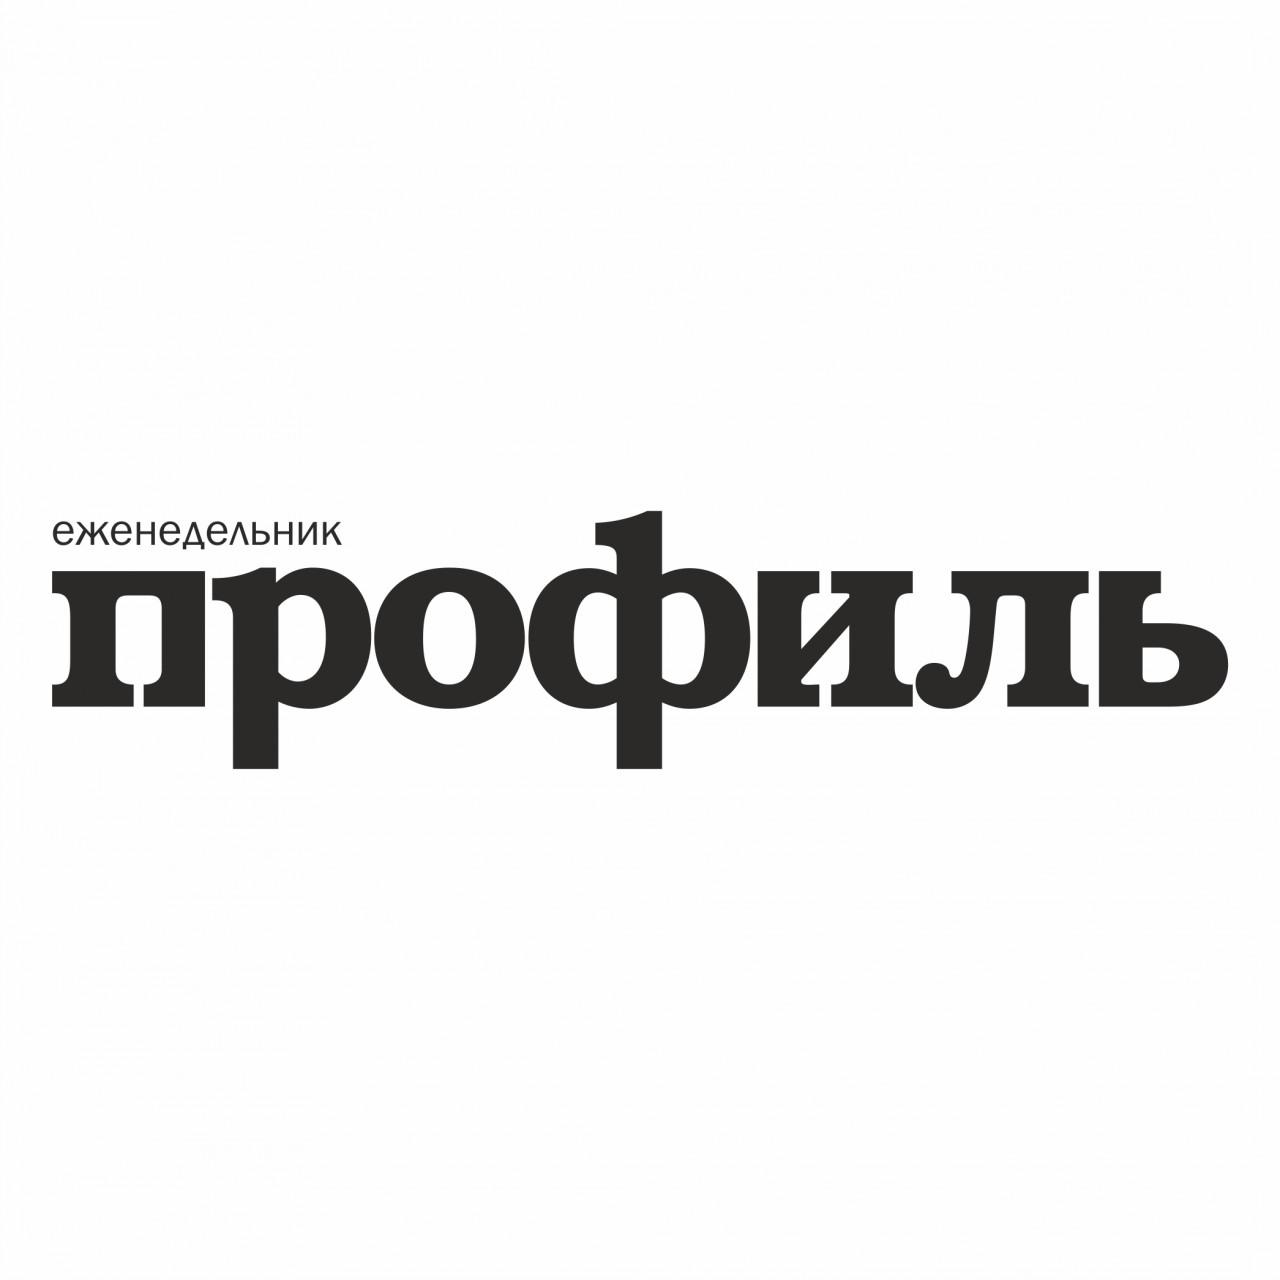 Медведев пригласил Обаму посмотреть на «разорванную в клочья» экономику России